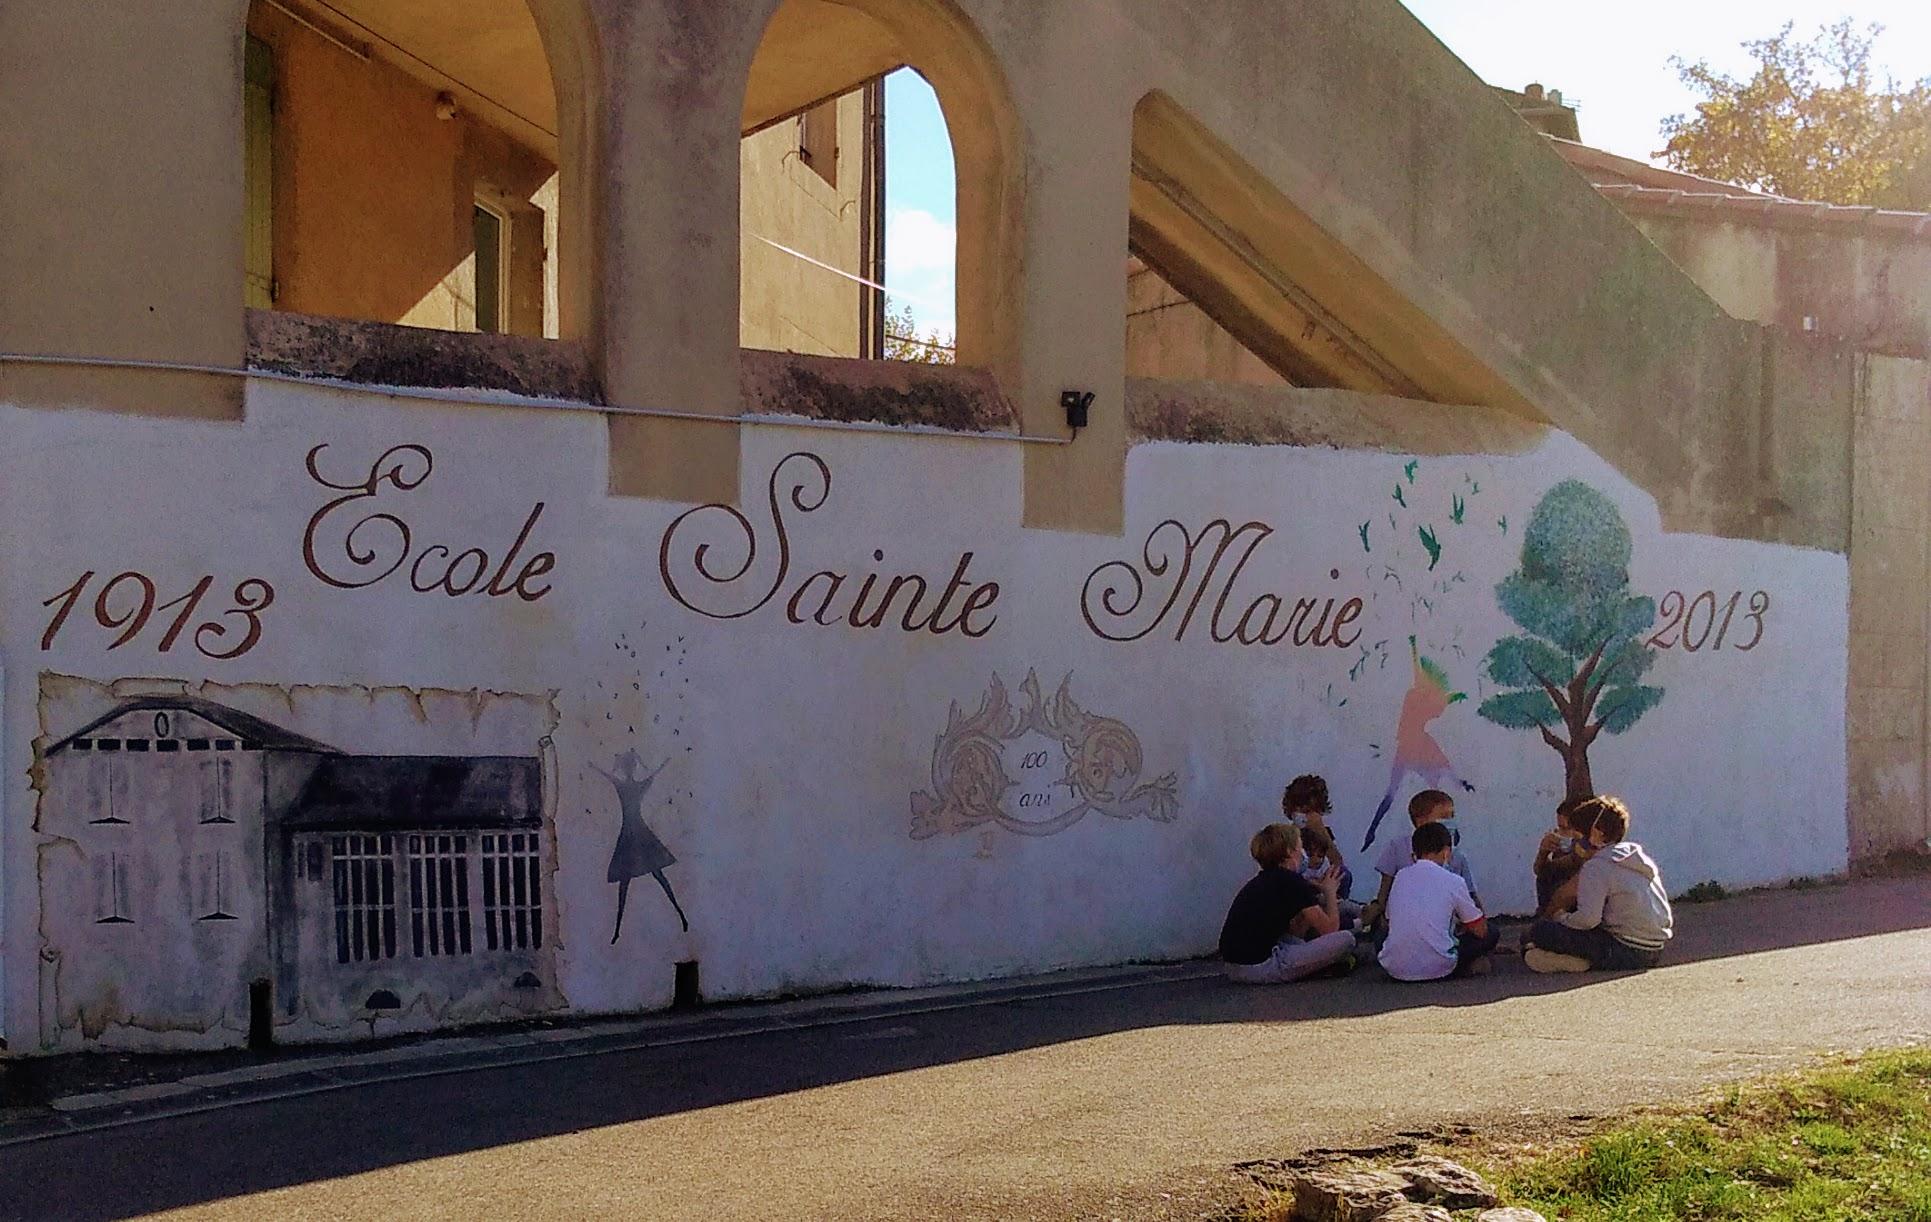 Ecole Sainte Marie Fuveau fresque de célébration des cent ans d'existence dessin sur mur de l'école cent ans en arrière noir et blanc et arbre vert avec silouhette enfant très colorée bras en l'air les oiseaux volent au-dessus d'elle